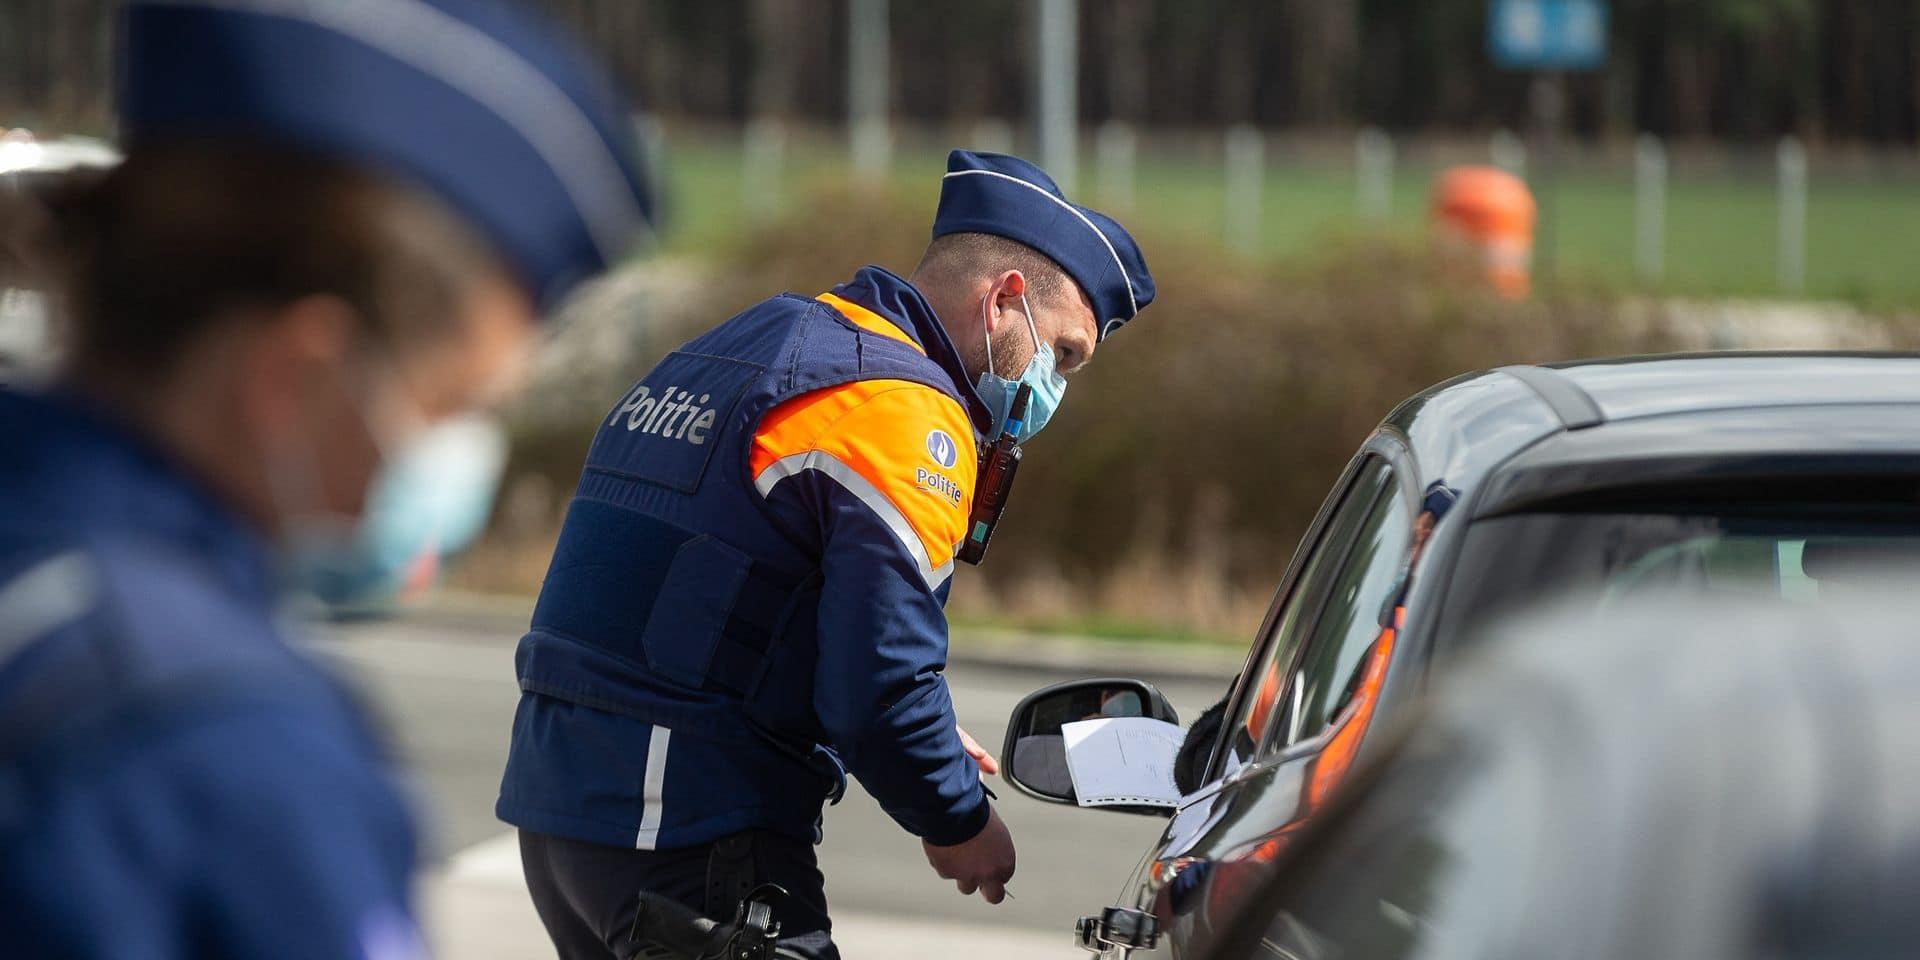 Bilan positif pour la vague de contrôles routiers organisée en Belgique